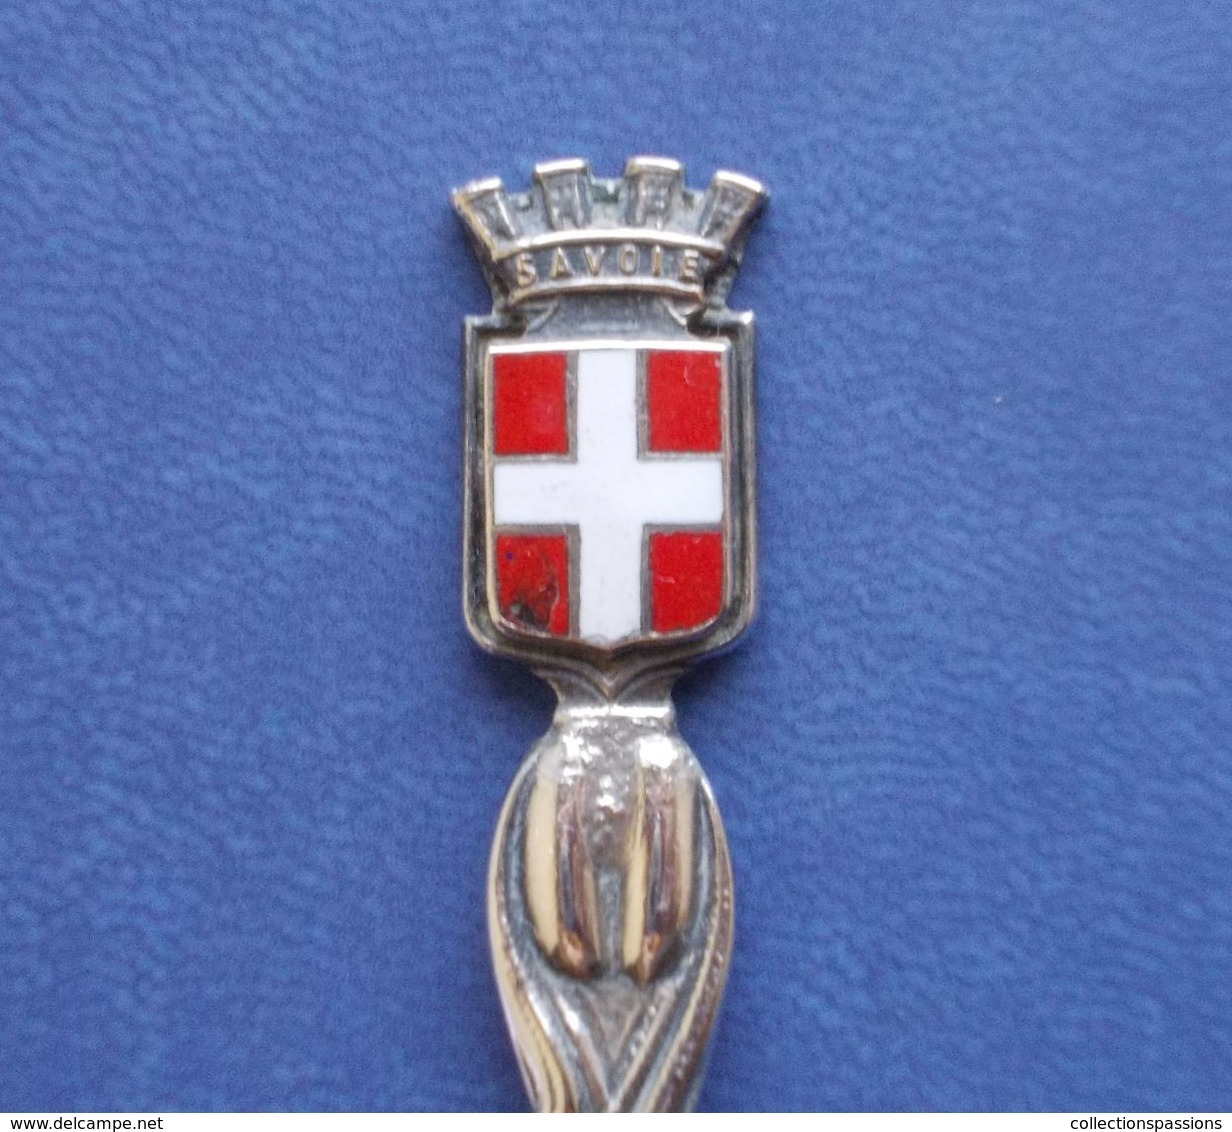 - Petite Cuillère - Objet Souvenir De Savoie - - Obj. 'Souvenir De'